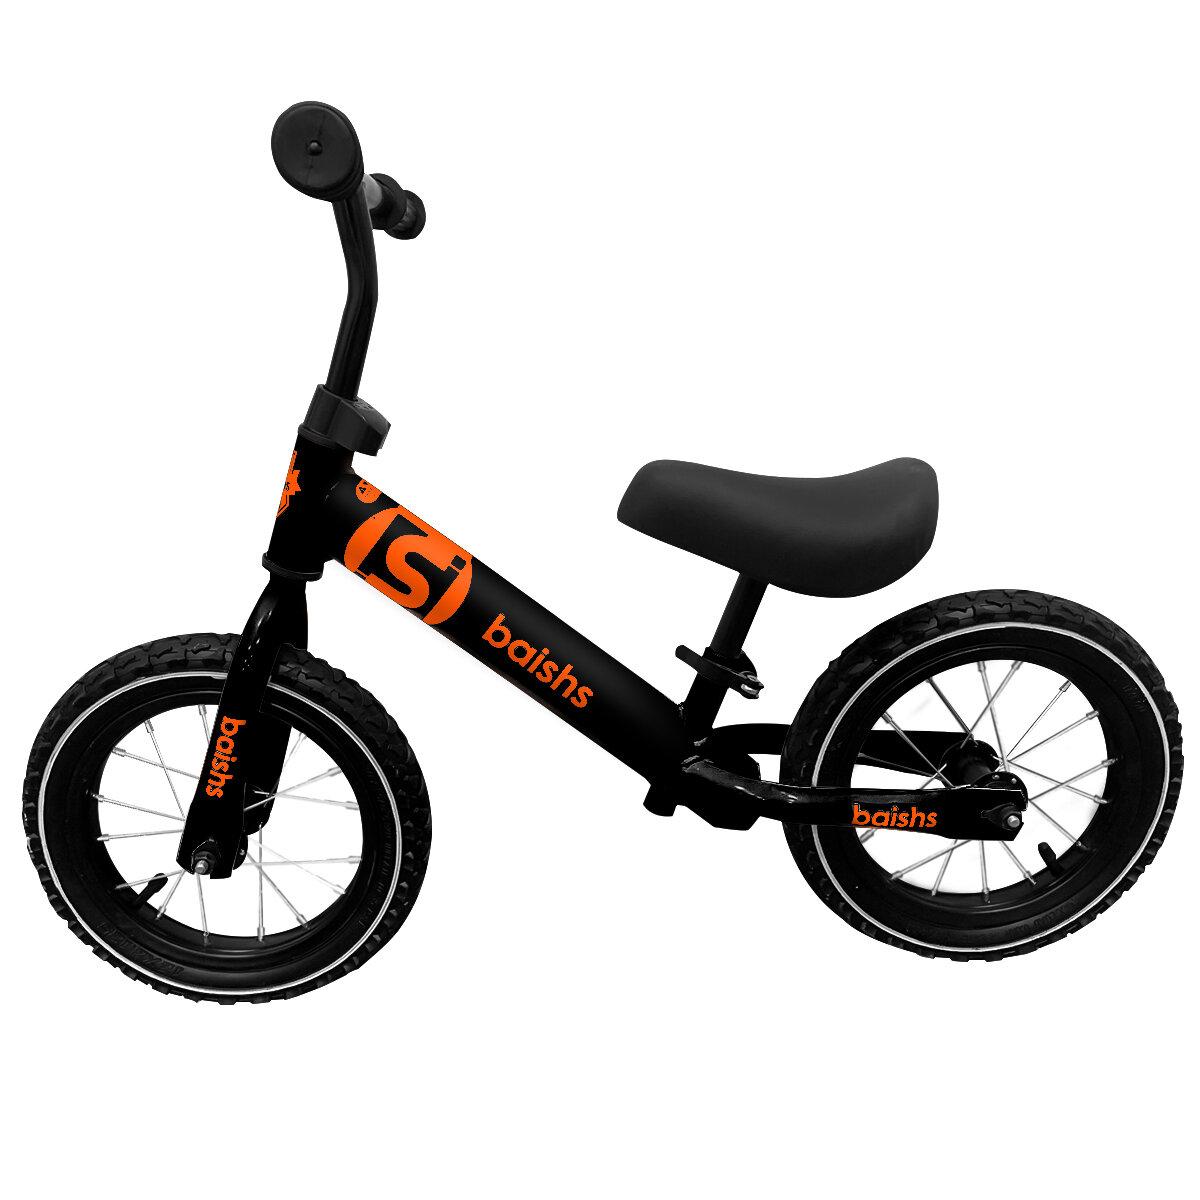 بايشز لا دواسة أطفال الدراجات الجبلية طفل التوازن ووكر دراجة أطفال سكوتر ، دراجات bmx لمدة 2/3/4/5/6 سنة تدريب متسابق ال